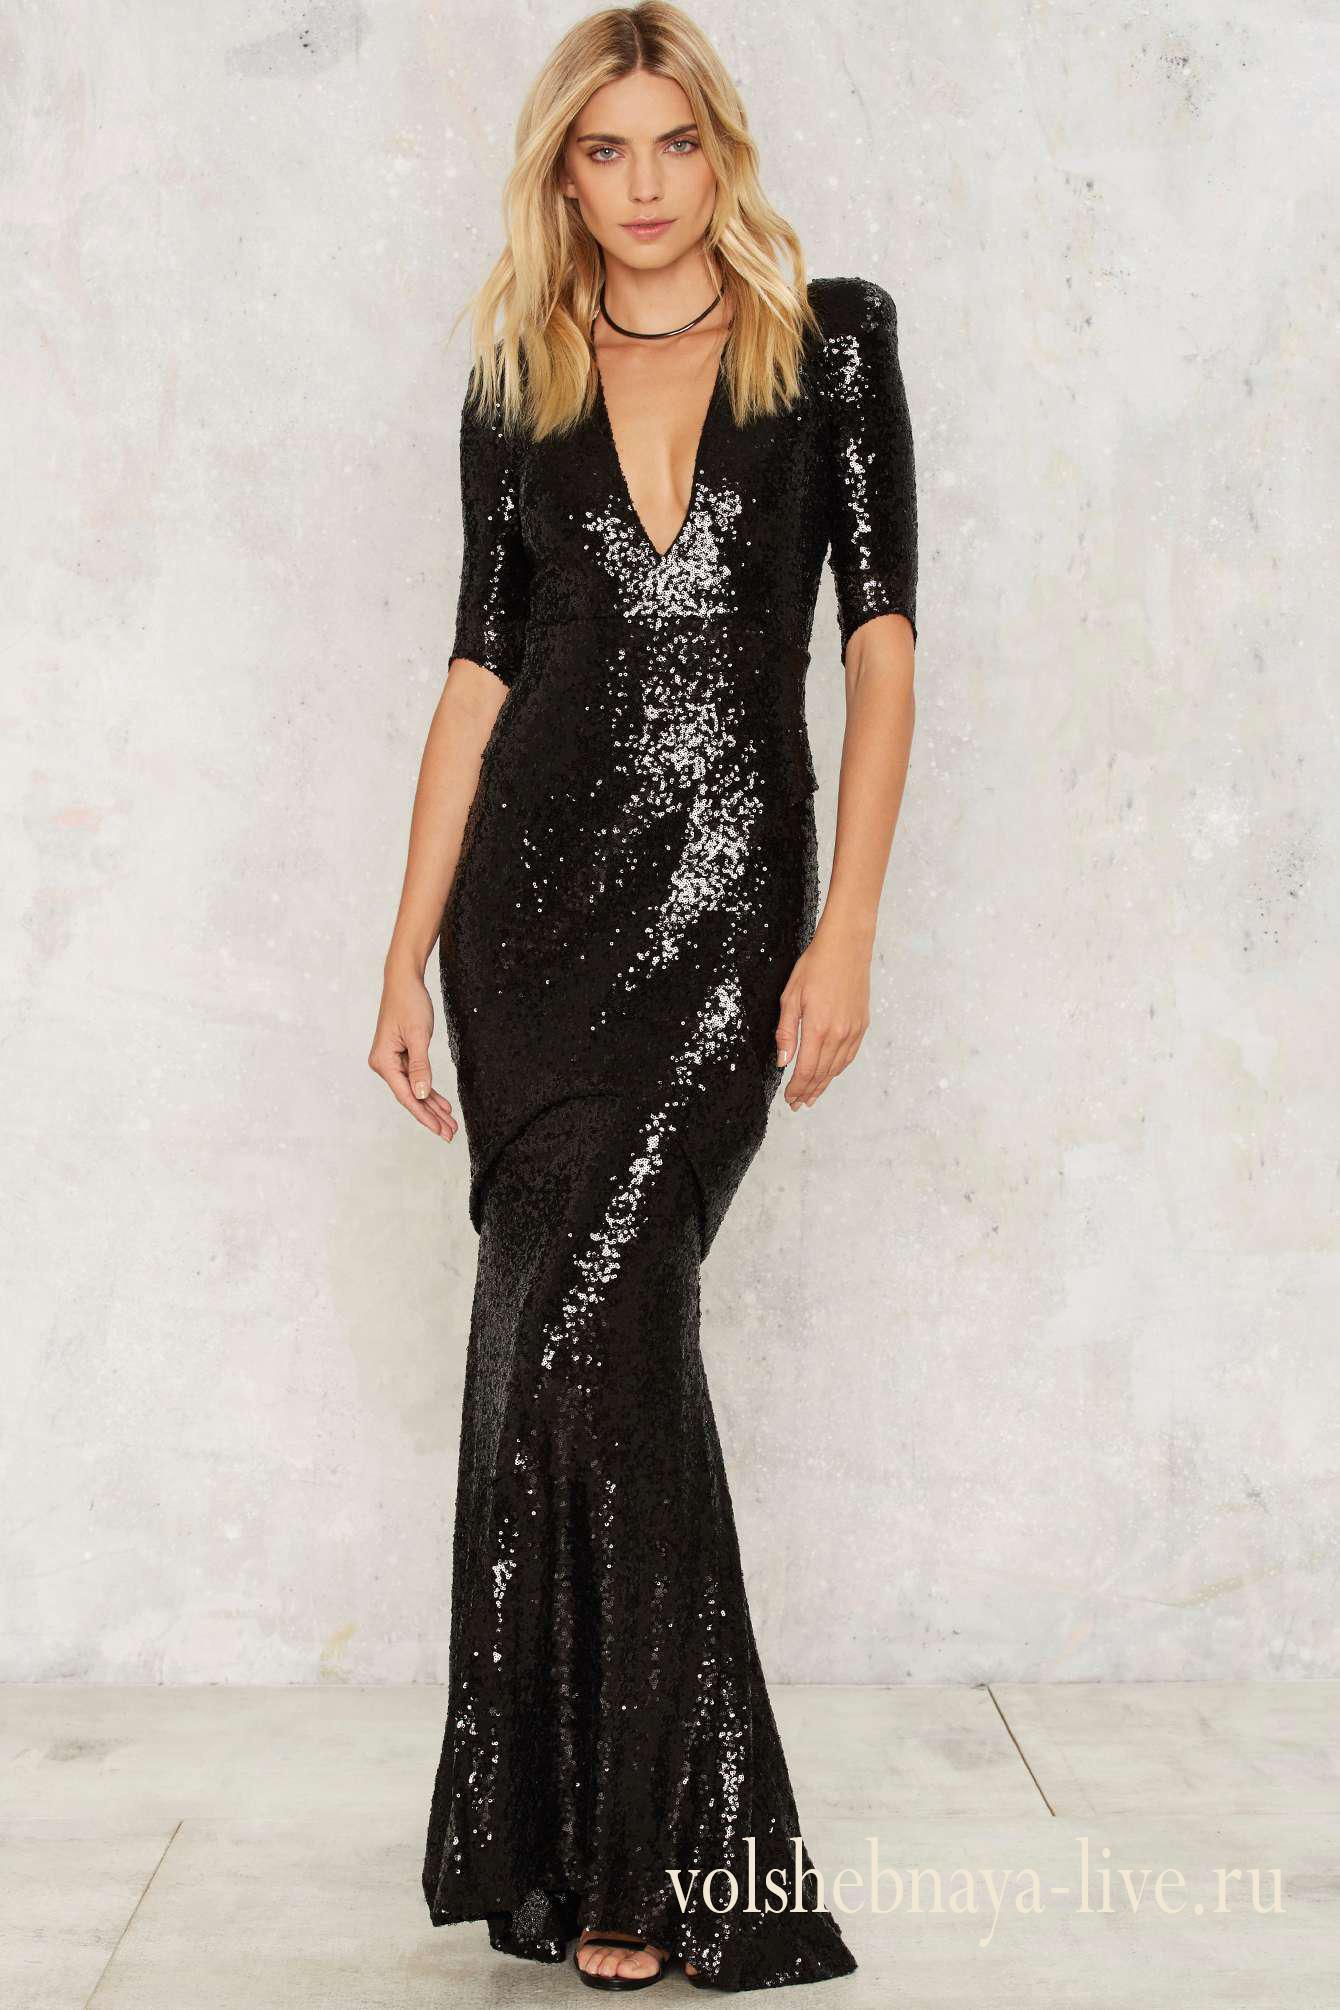 5a7a47e98f7 Черное платье в пол с пайетками ослепительно! - volshebnaya-live · zoom in